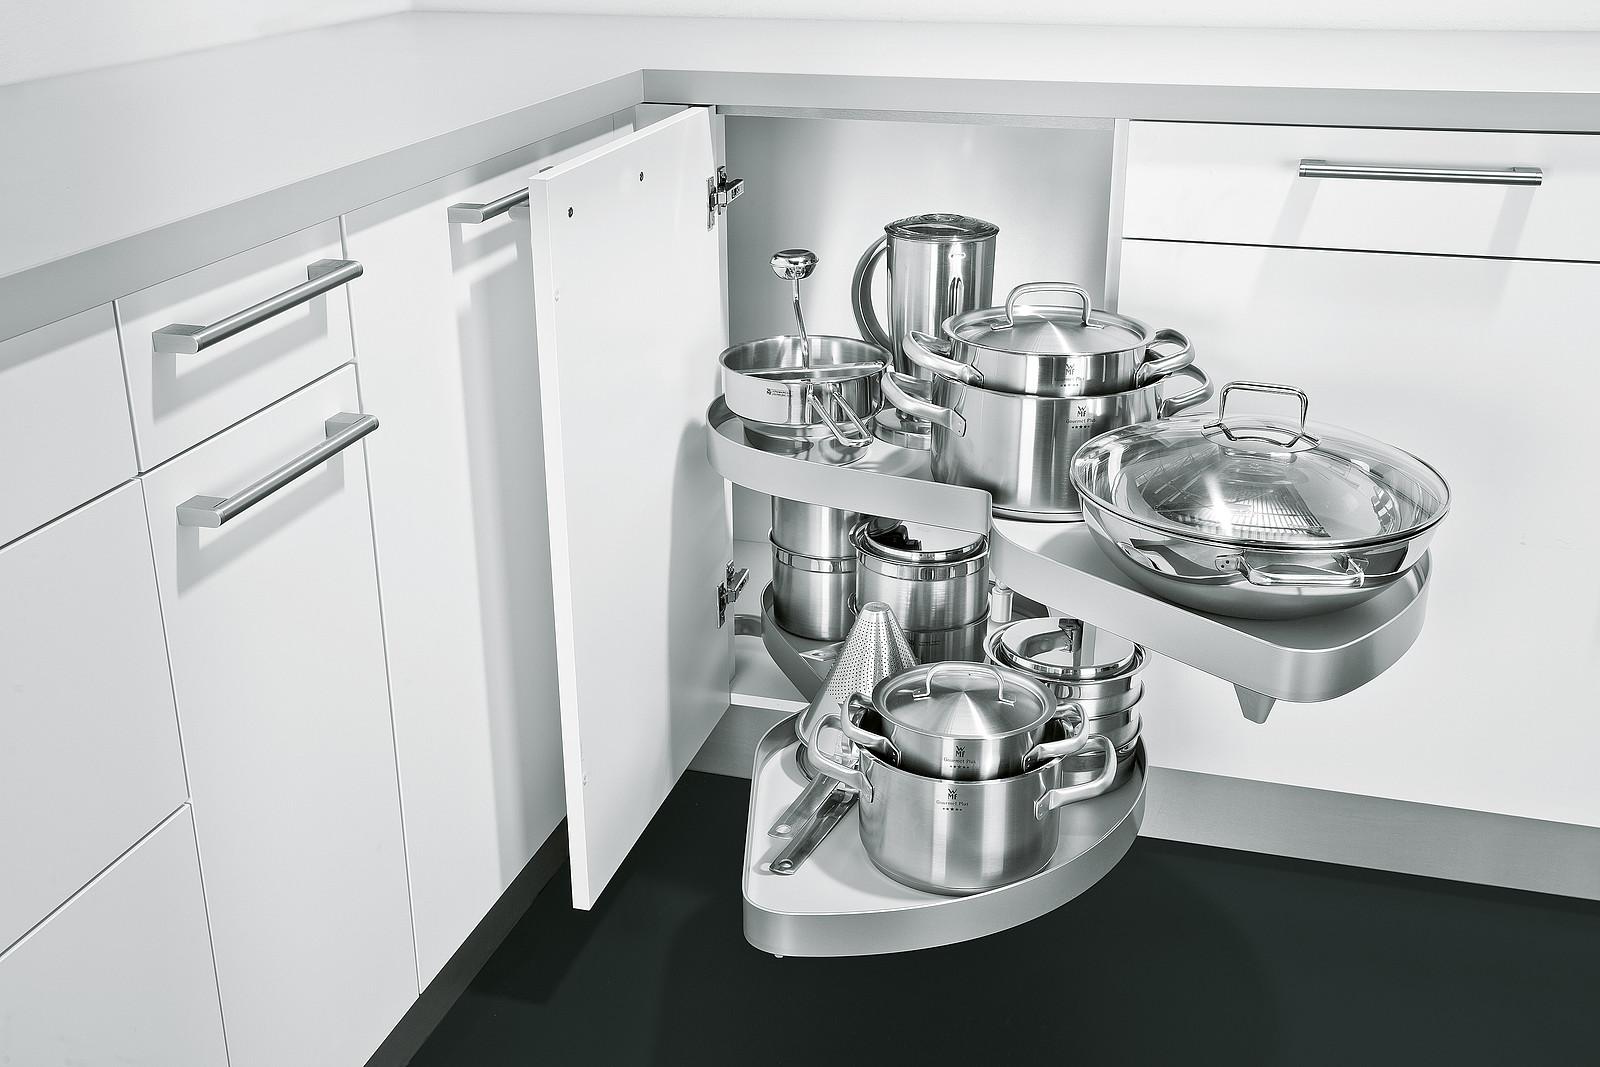 Full Size of Küchenkarussell Blockiert Kche Eckschrank In Der Alle Ecklsungen Im Berblick Wohnzimmer Küchenkarussell Blockiert